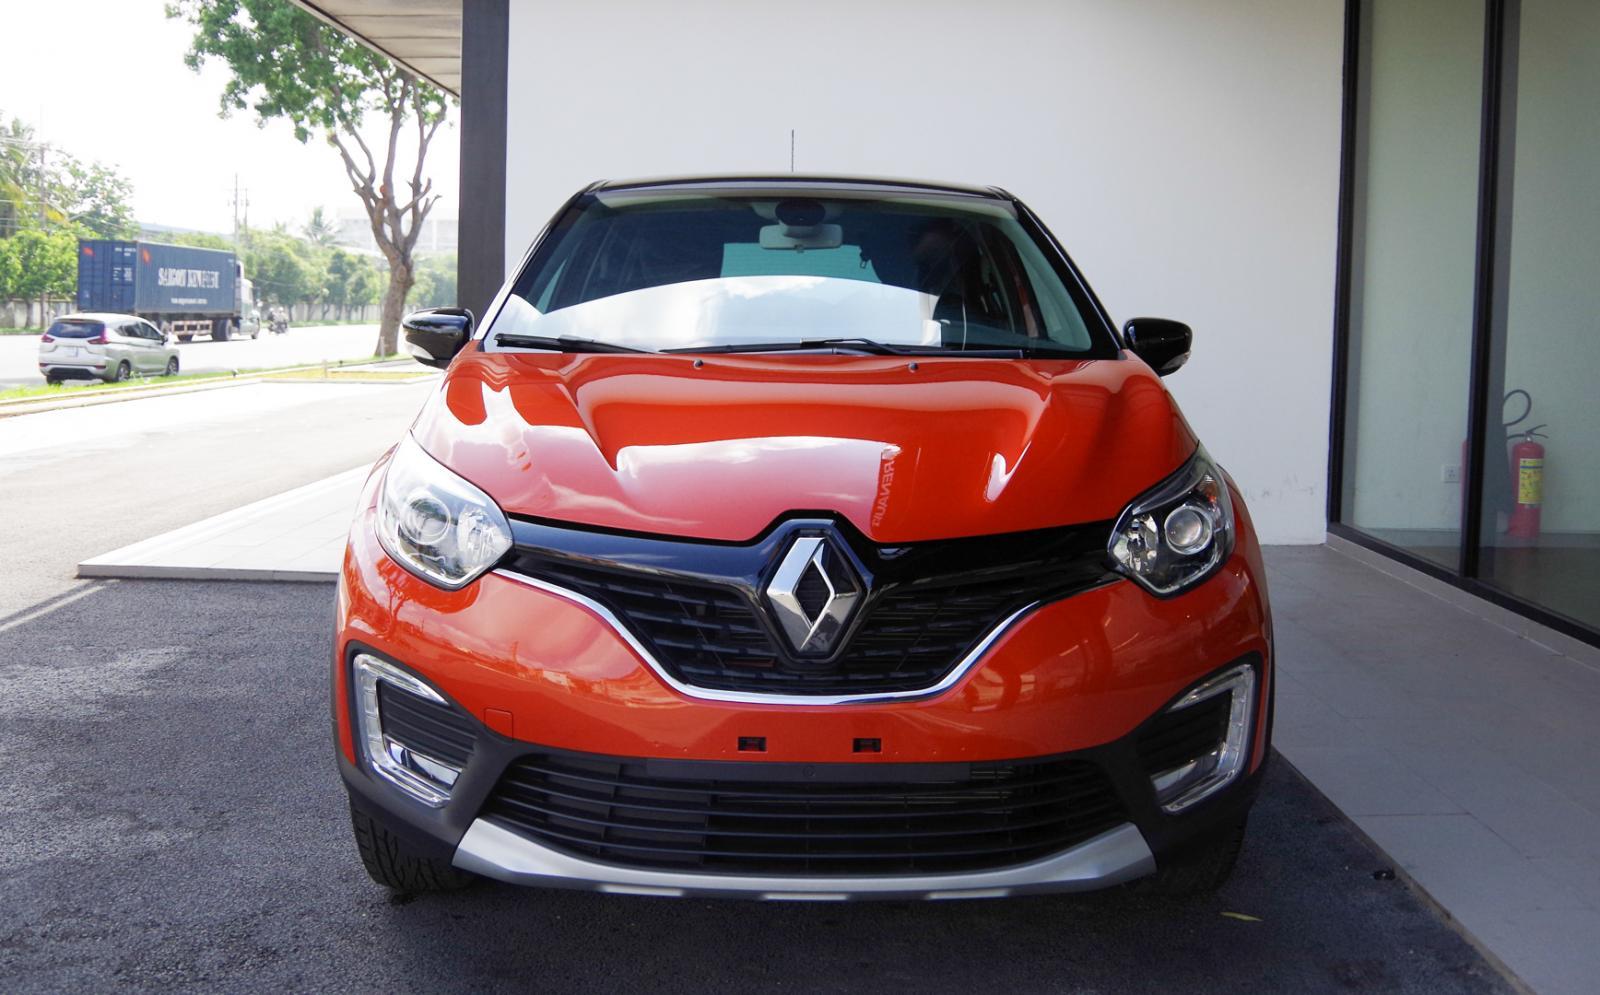 Chỉ 200 triệu rước ngay Renault Kaptur về nhà